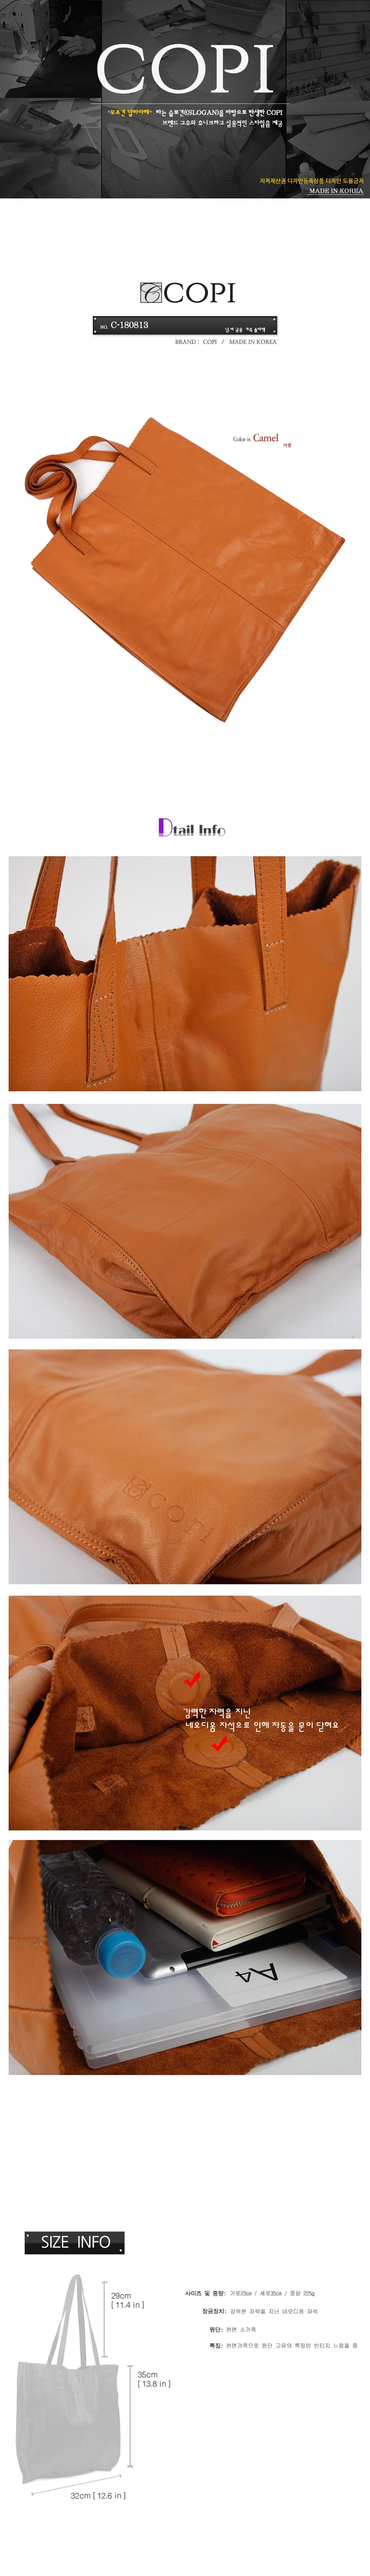 copi handbag no.C-180813